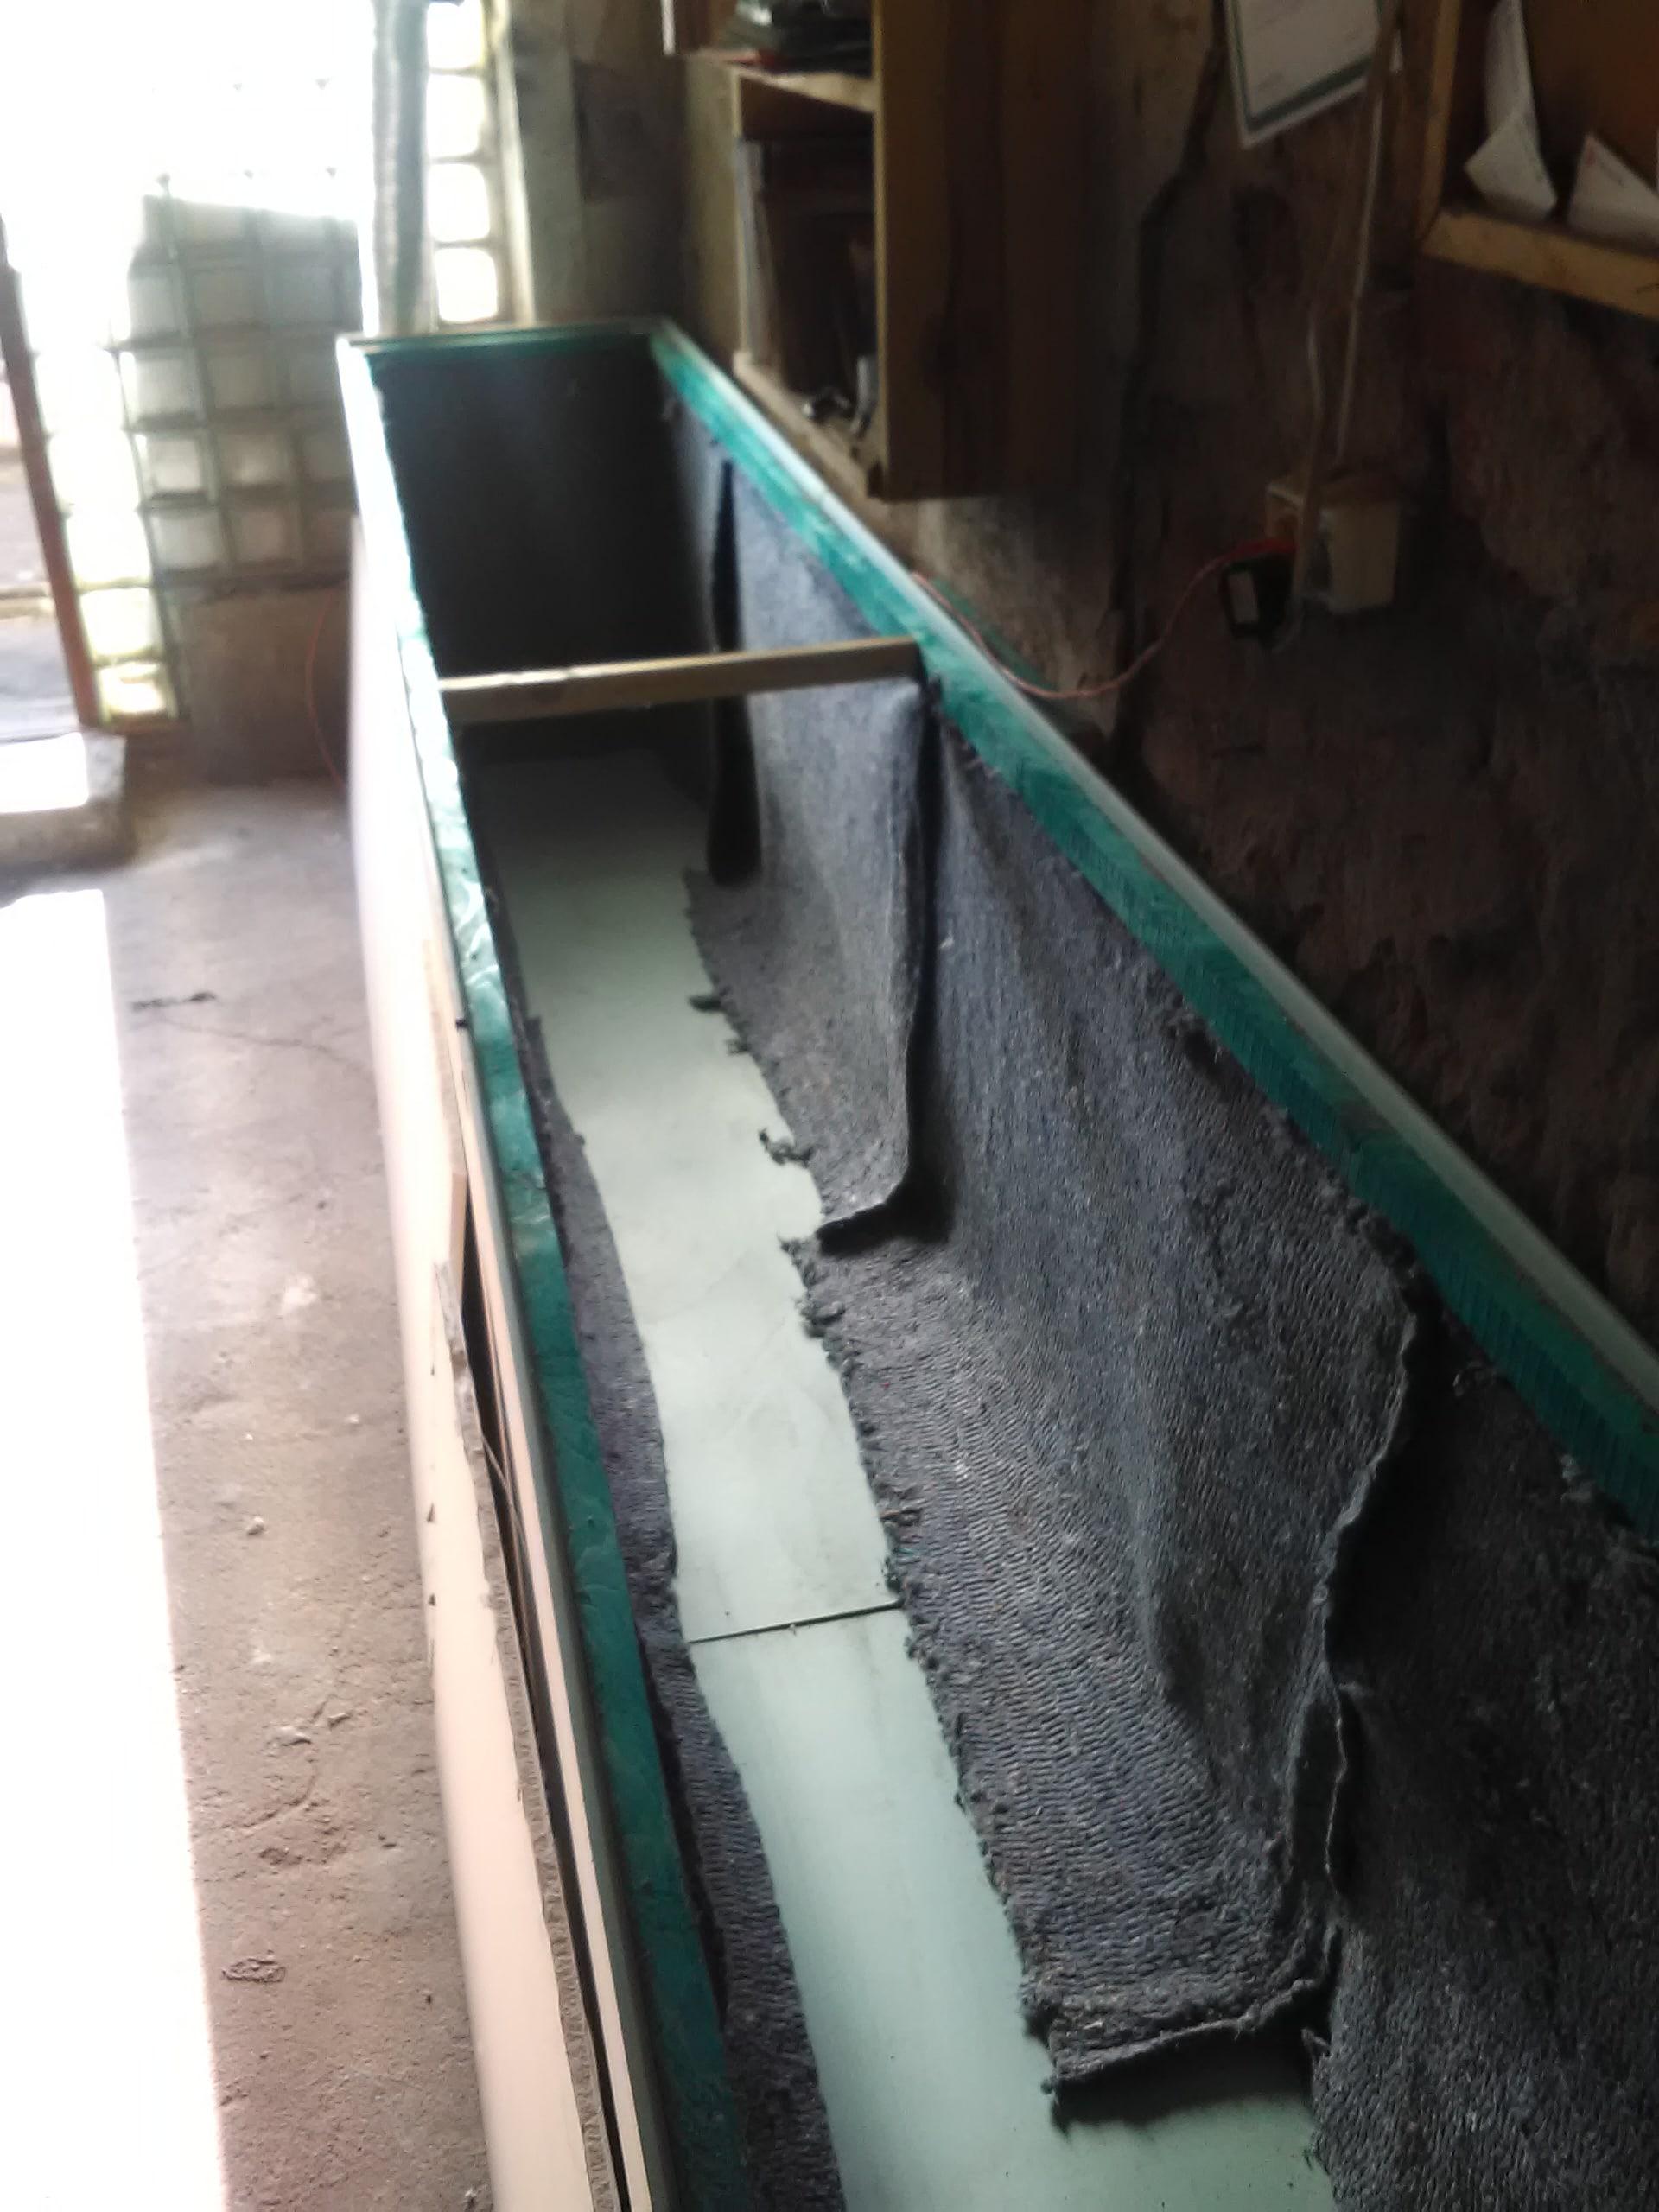 Ocieplenie wnętrza komory suszarniczej